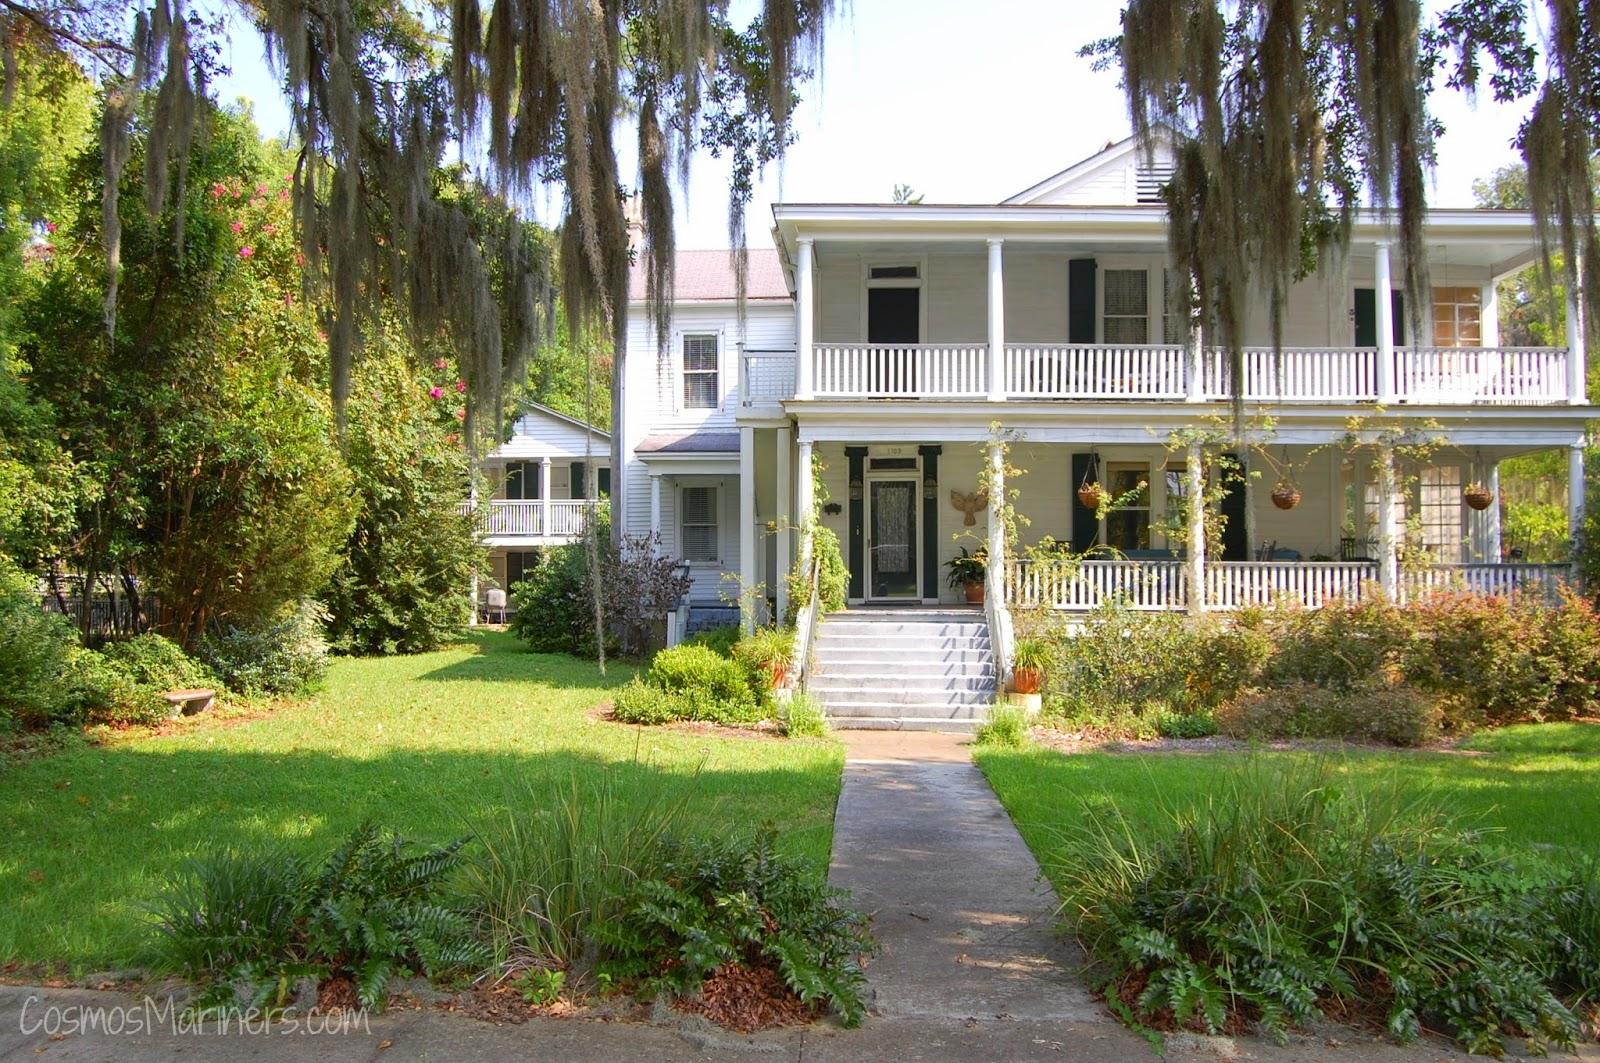 A Day Trip to Beaufort, South Carolina | CosmosMariners.com